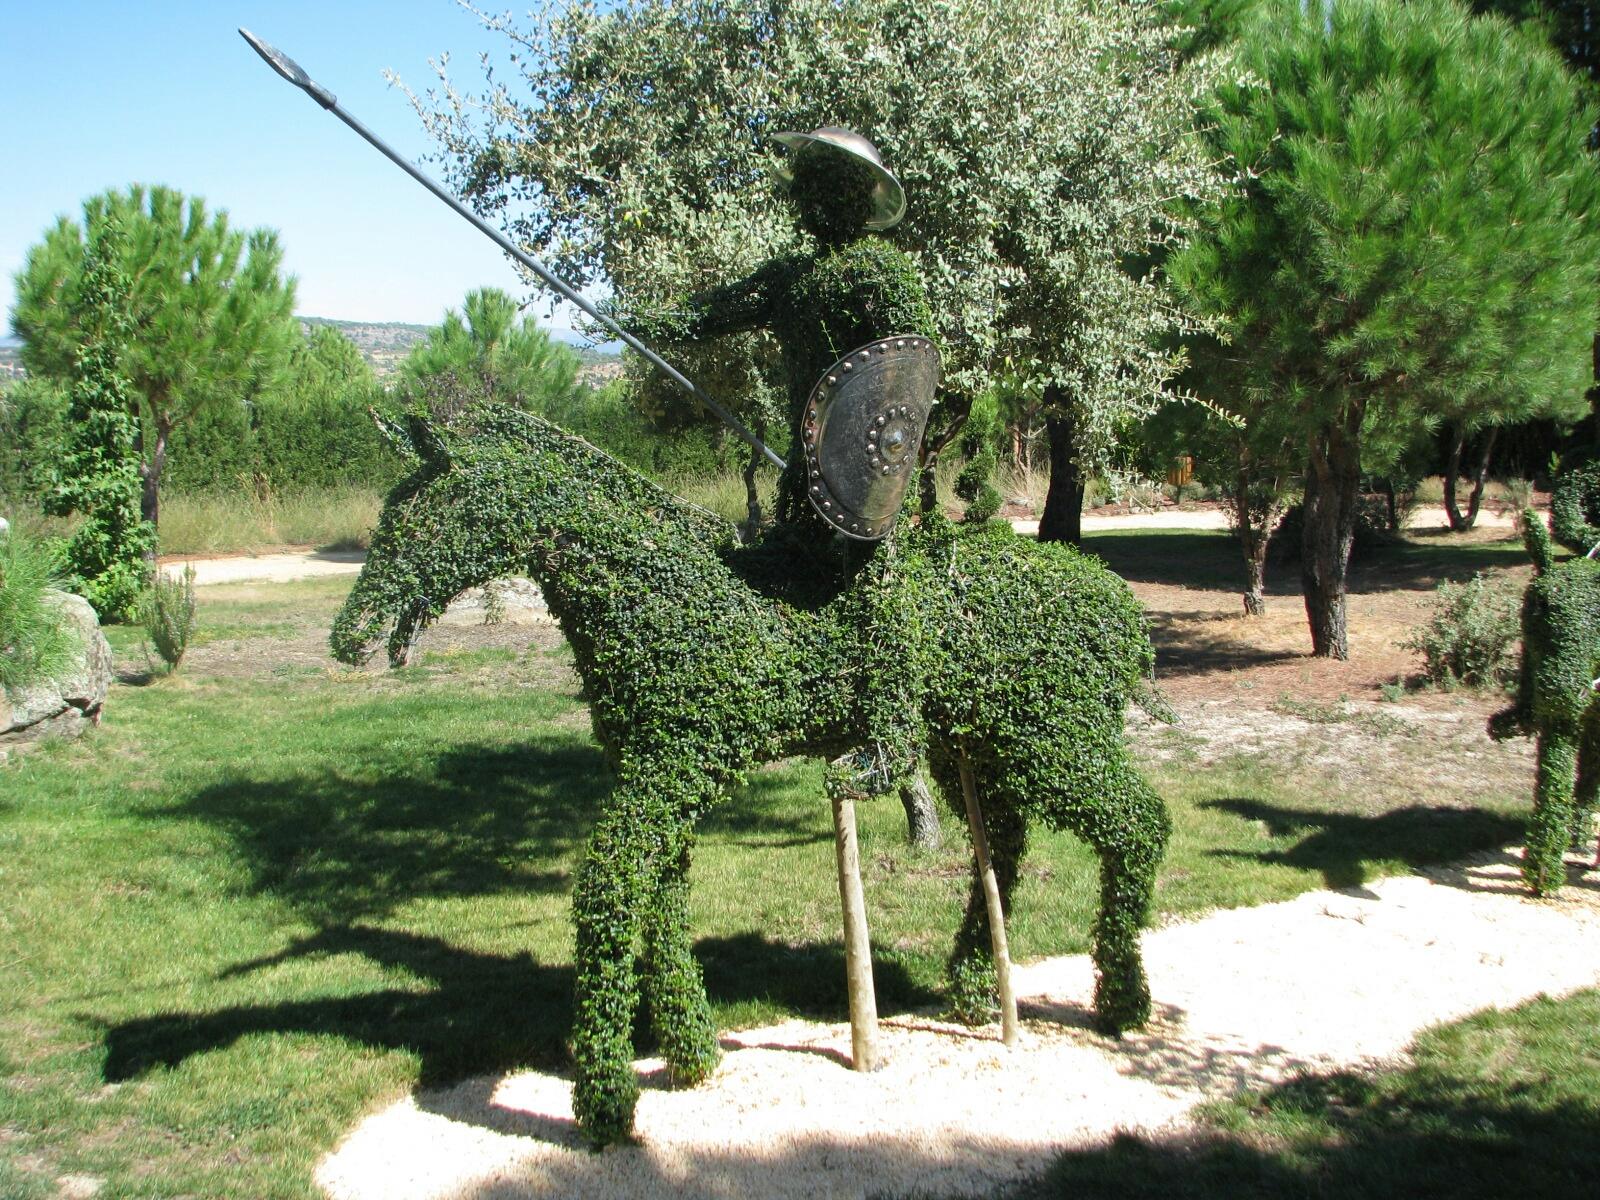 Es el bosque encantado un jardin con estatuas de arbust - Estatuas de jardin ...